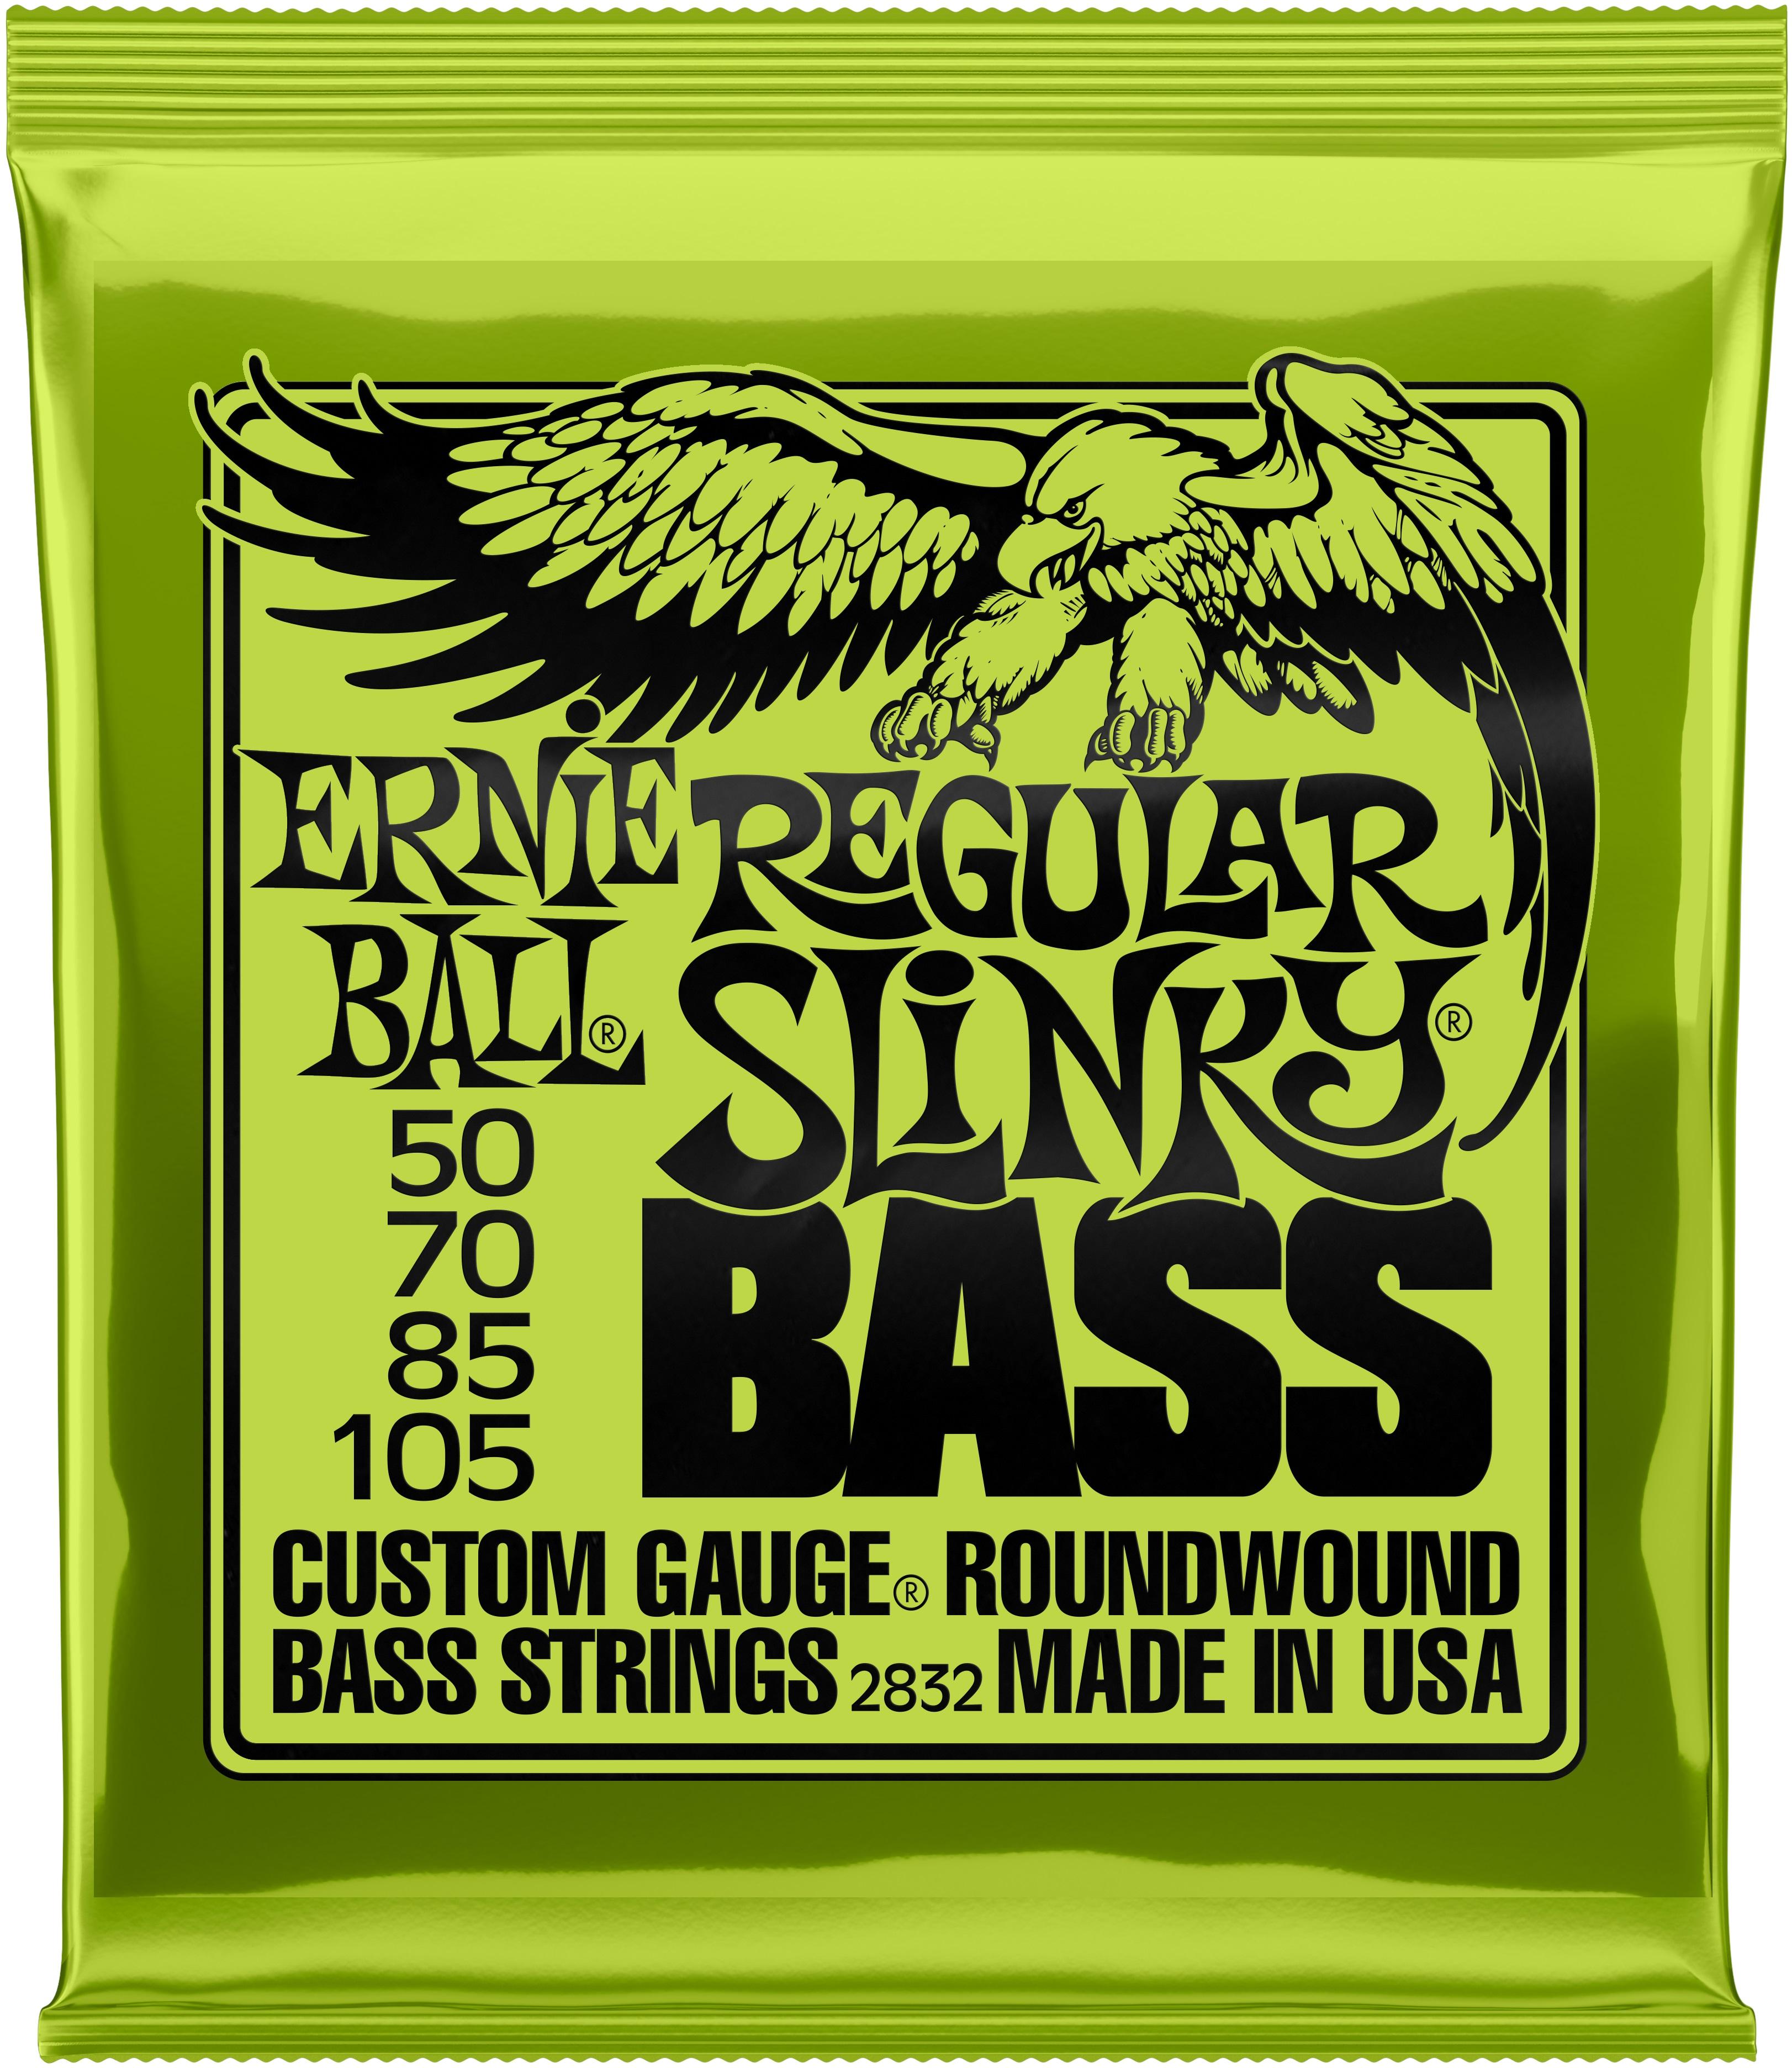 Ernie Ball 2832